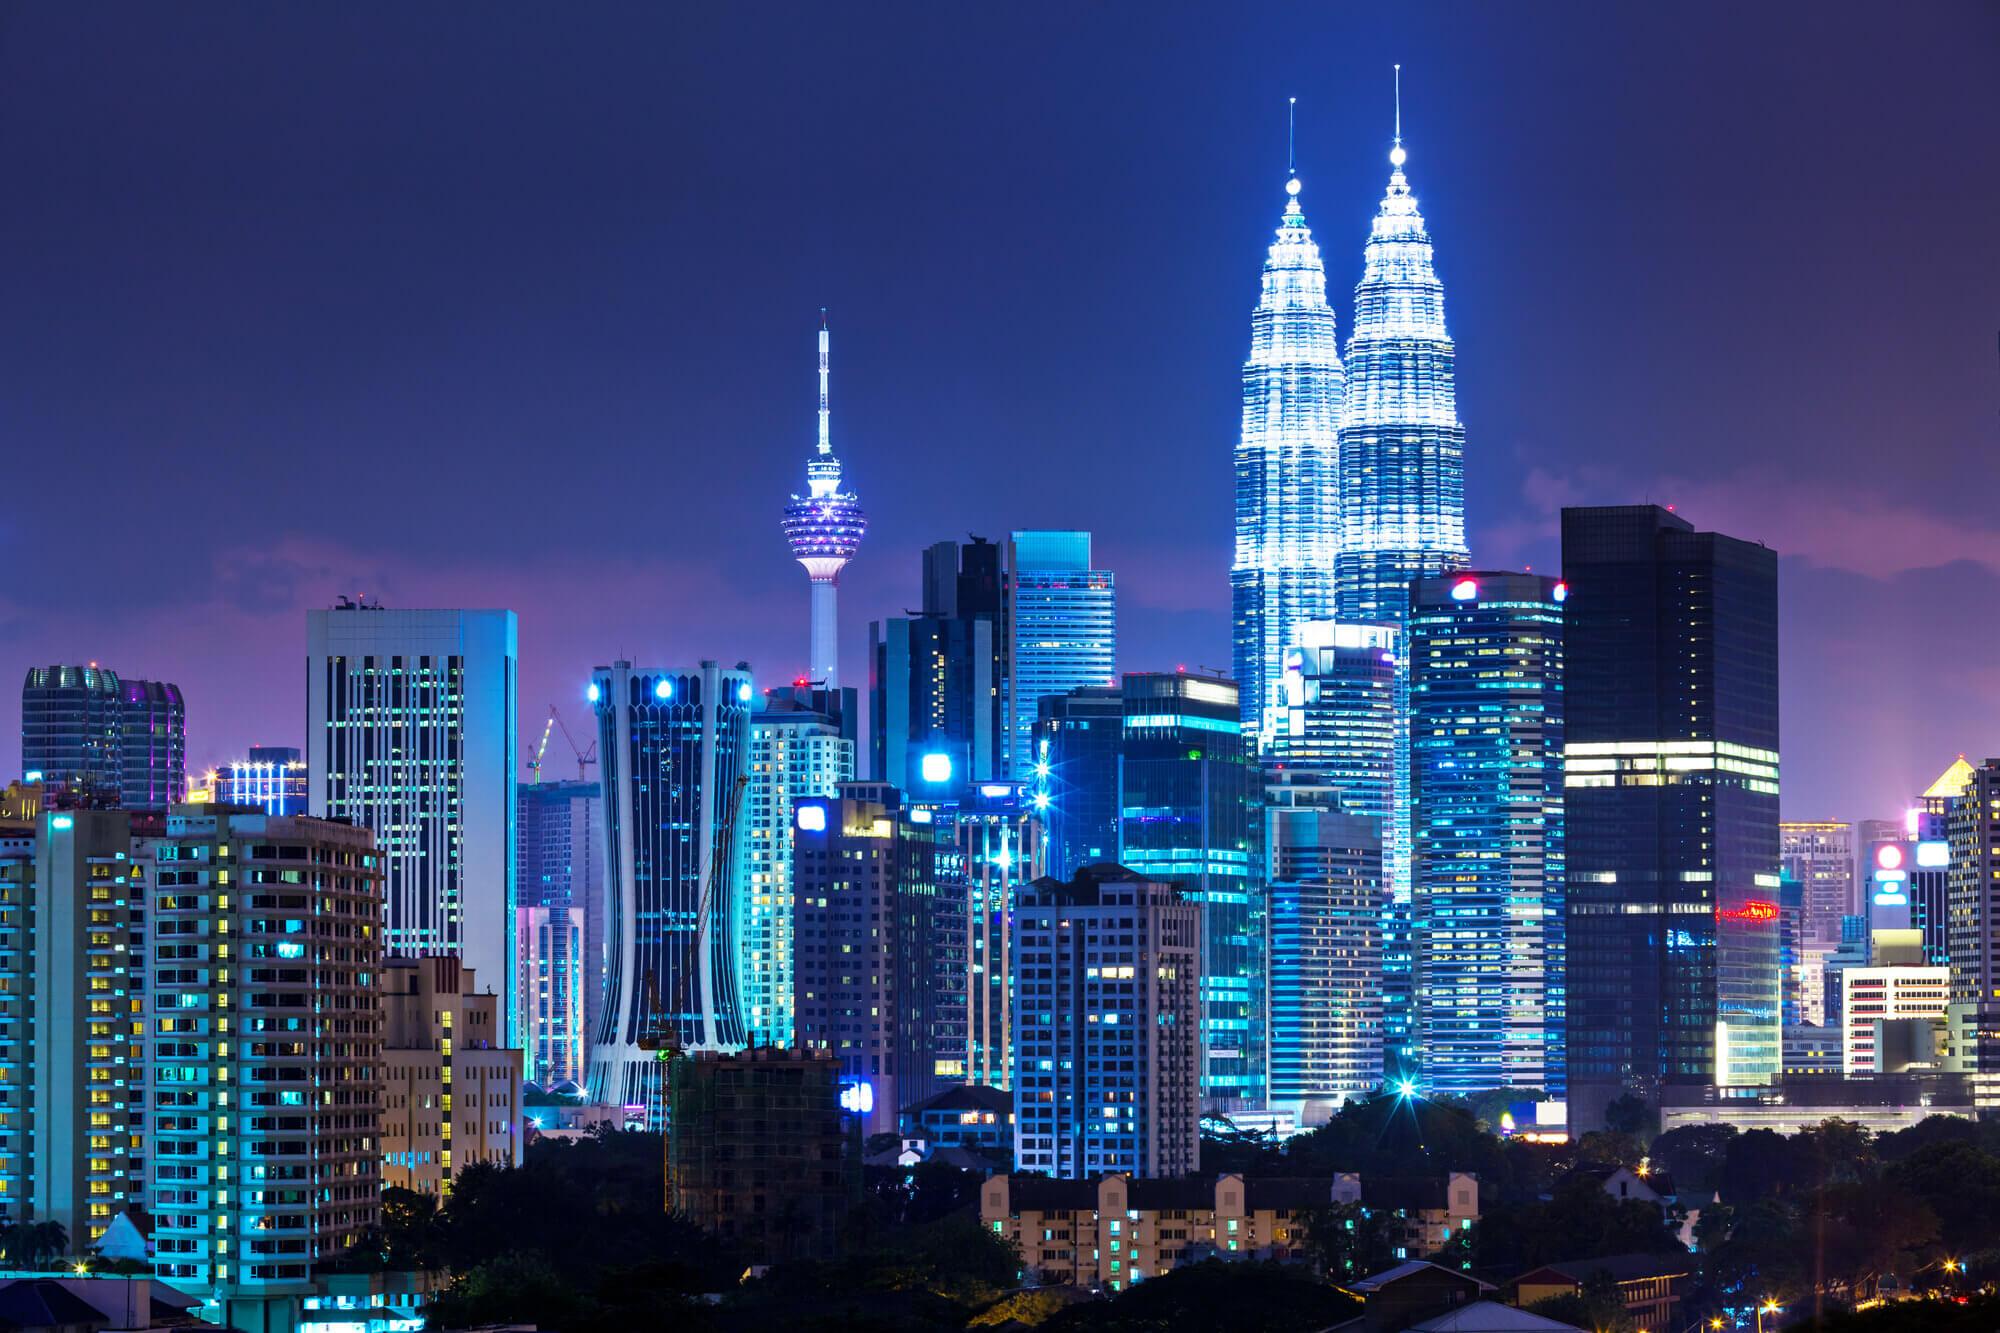 Hình ảnh đẹp chất nhất của tháp đôi Petronas tại Malaysia